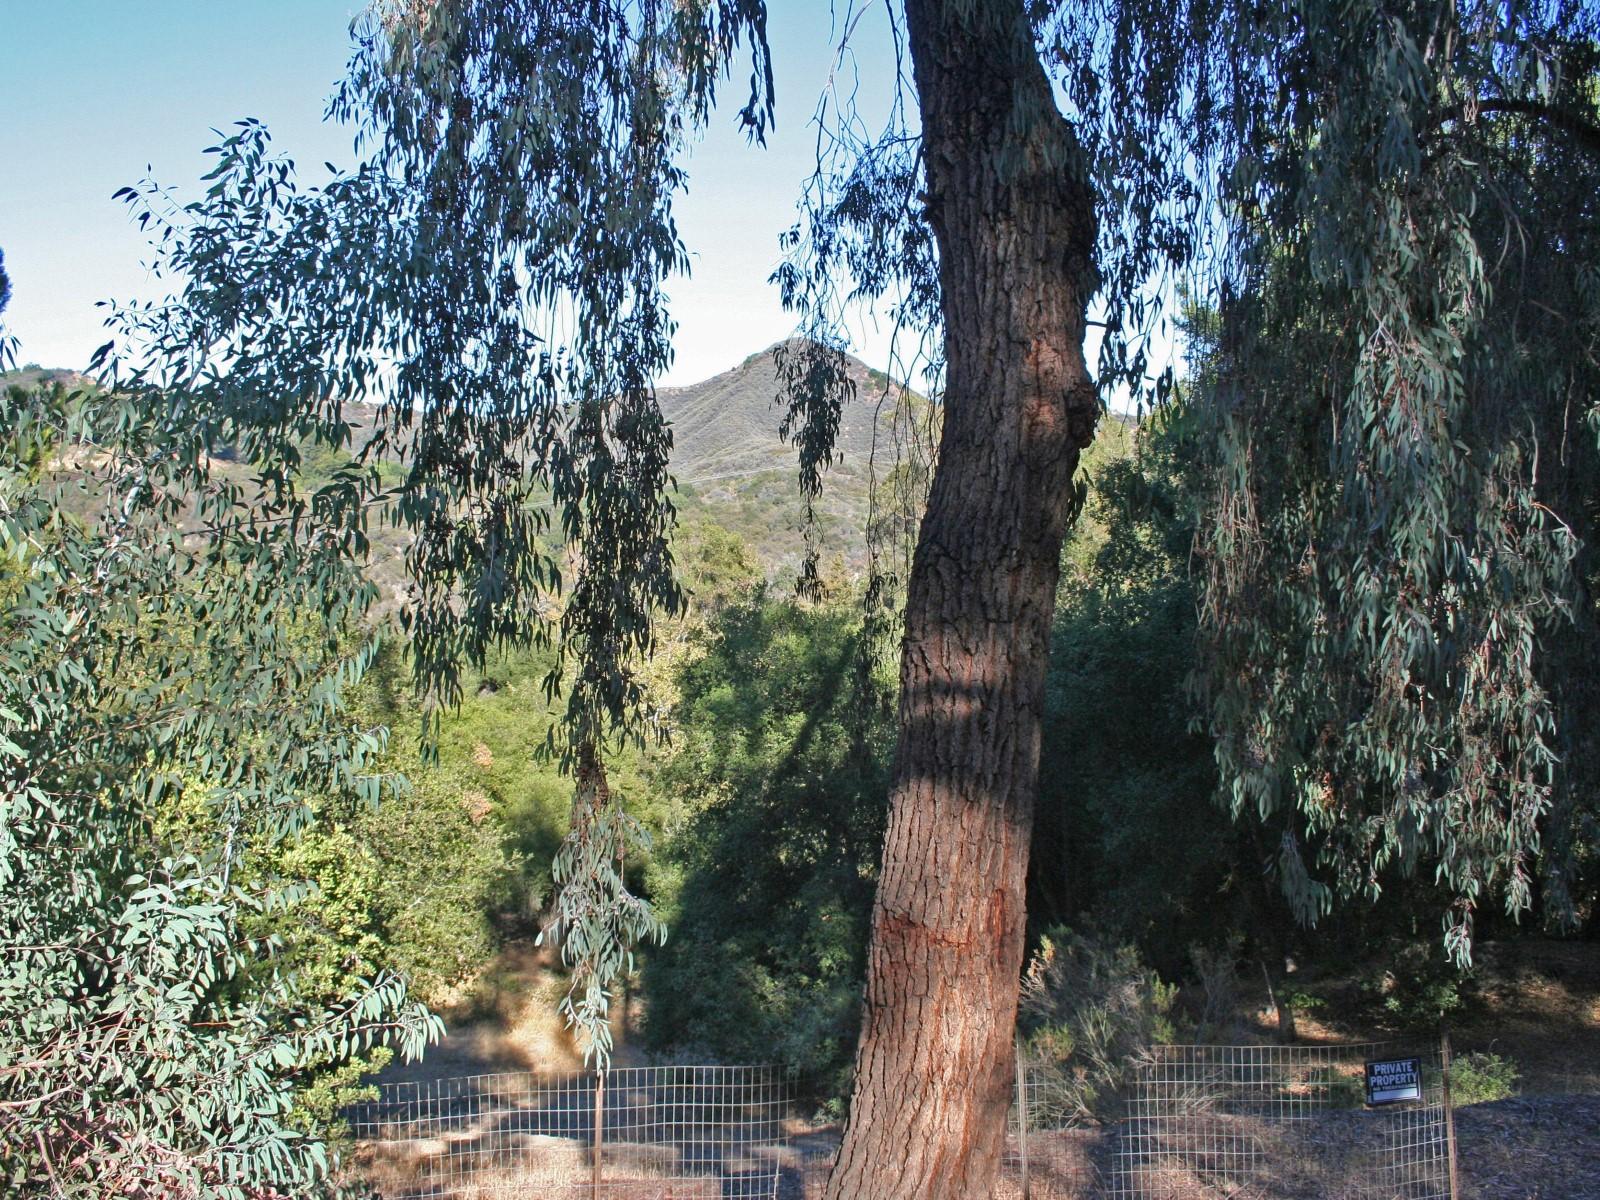 Terreno por un Venta en Perfectly located View 1/2 acre lot Topanga, California 90290 Estados Unidos